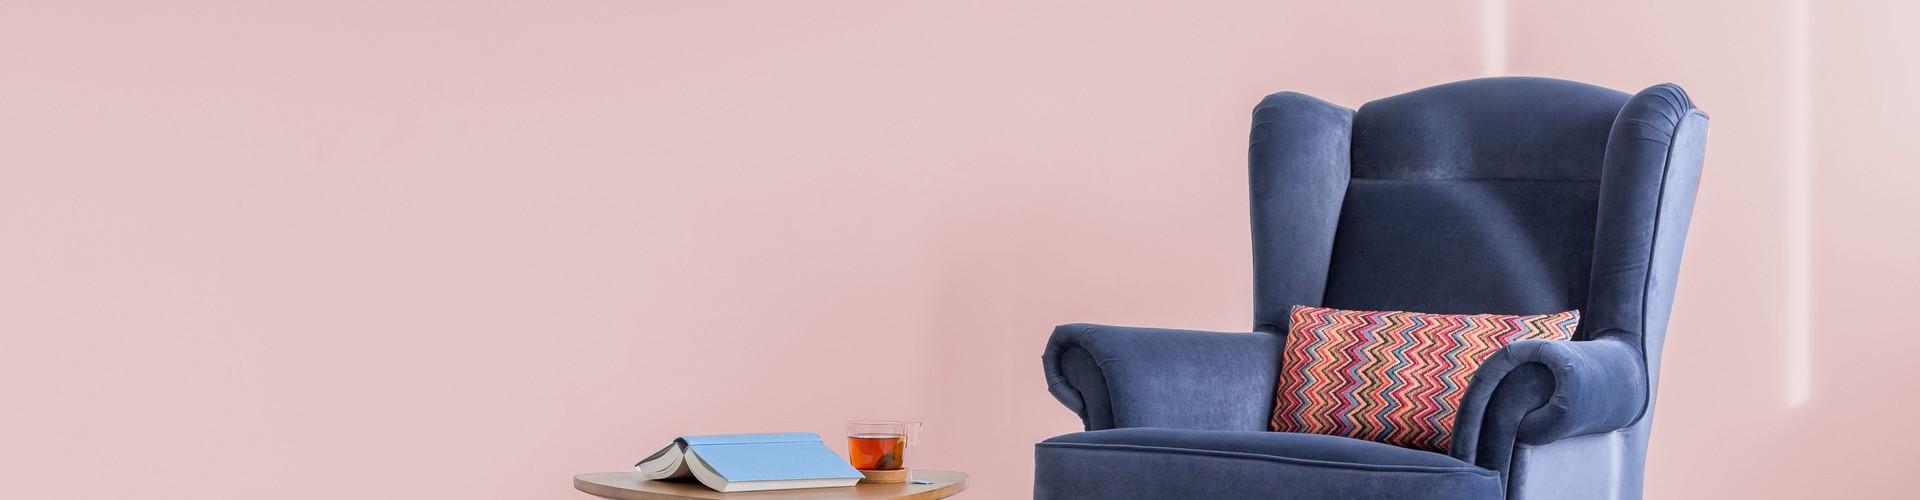 Woonkamer meubels kopen bij Winkel voor Thuis